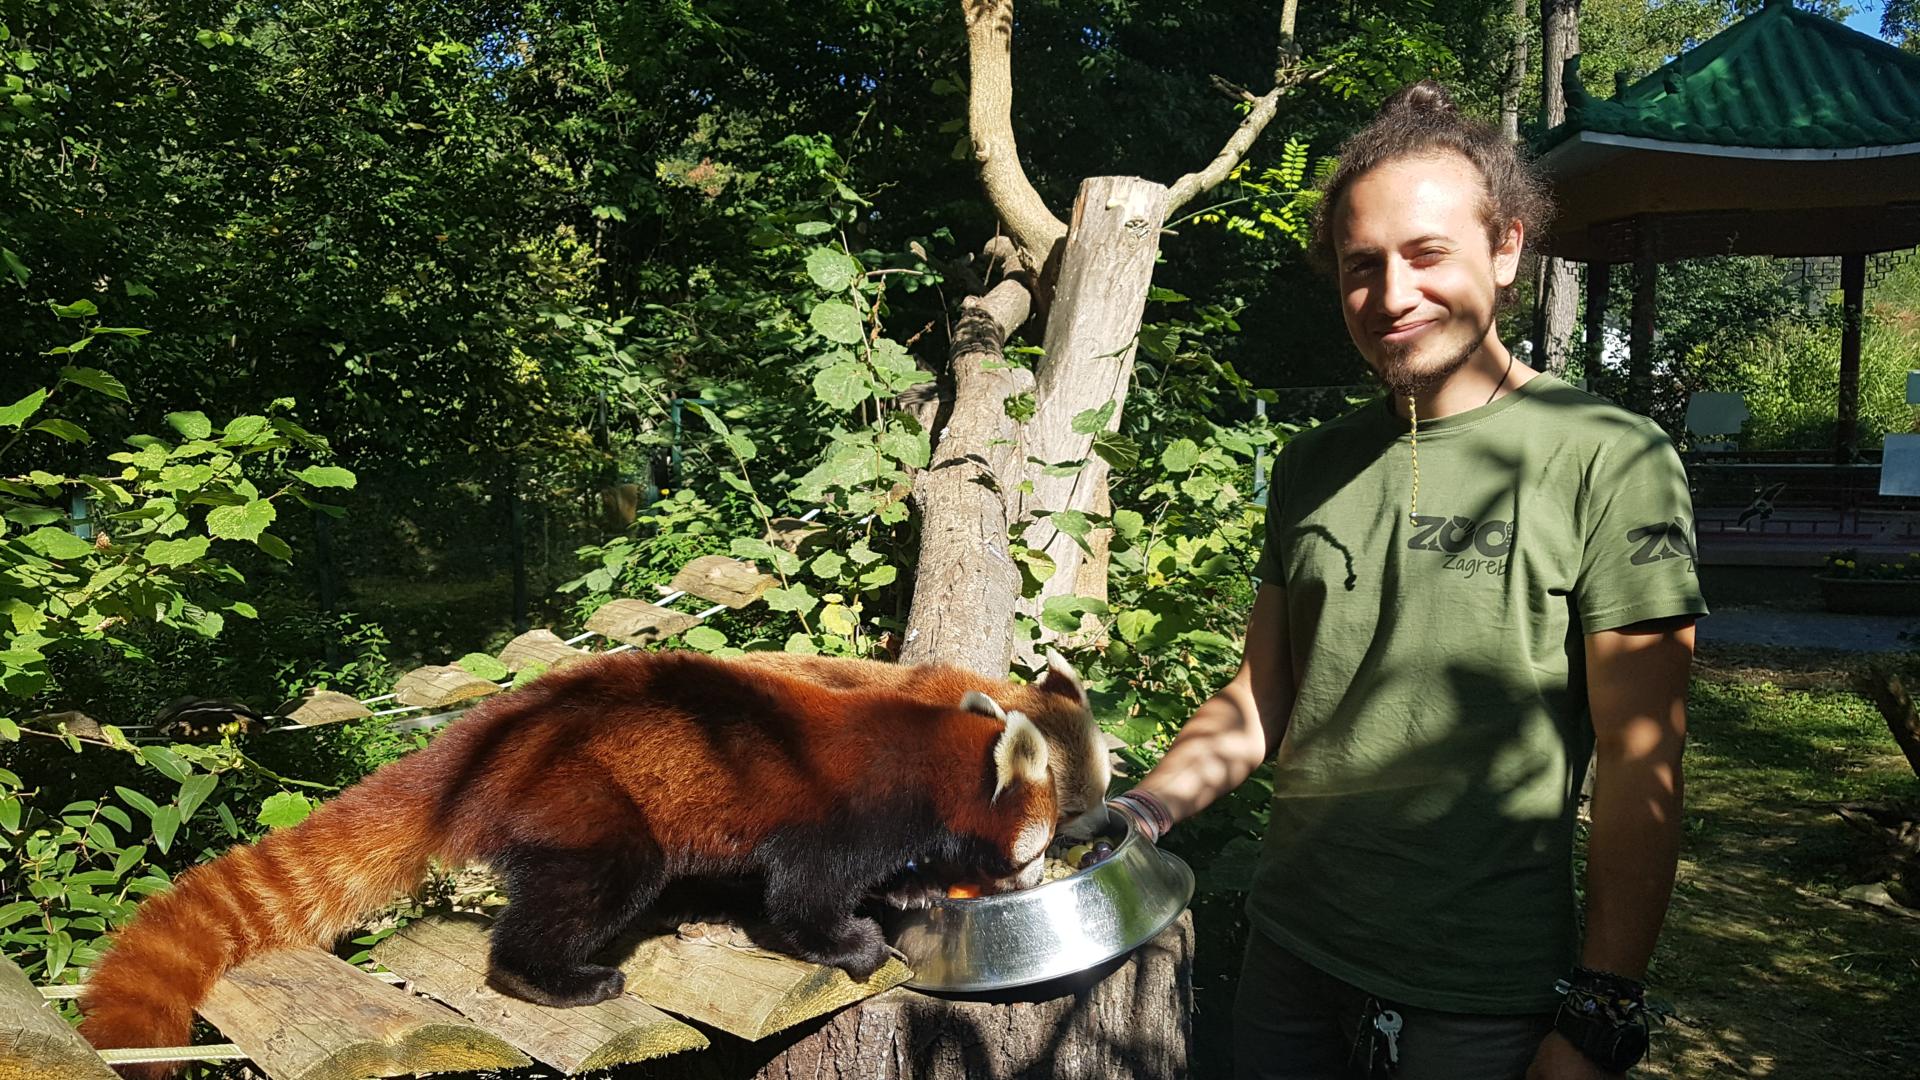 Međunarodni Dan Timaritelja Razotkrivanje Superjunaka U Brizi Za Zivotinje Zoo Zagreb